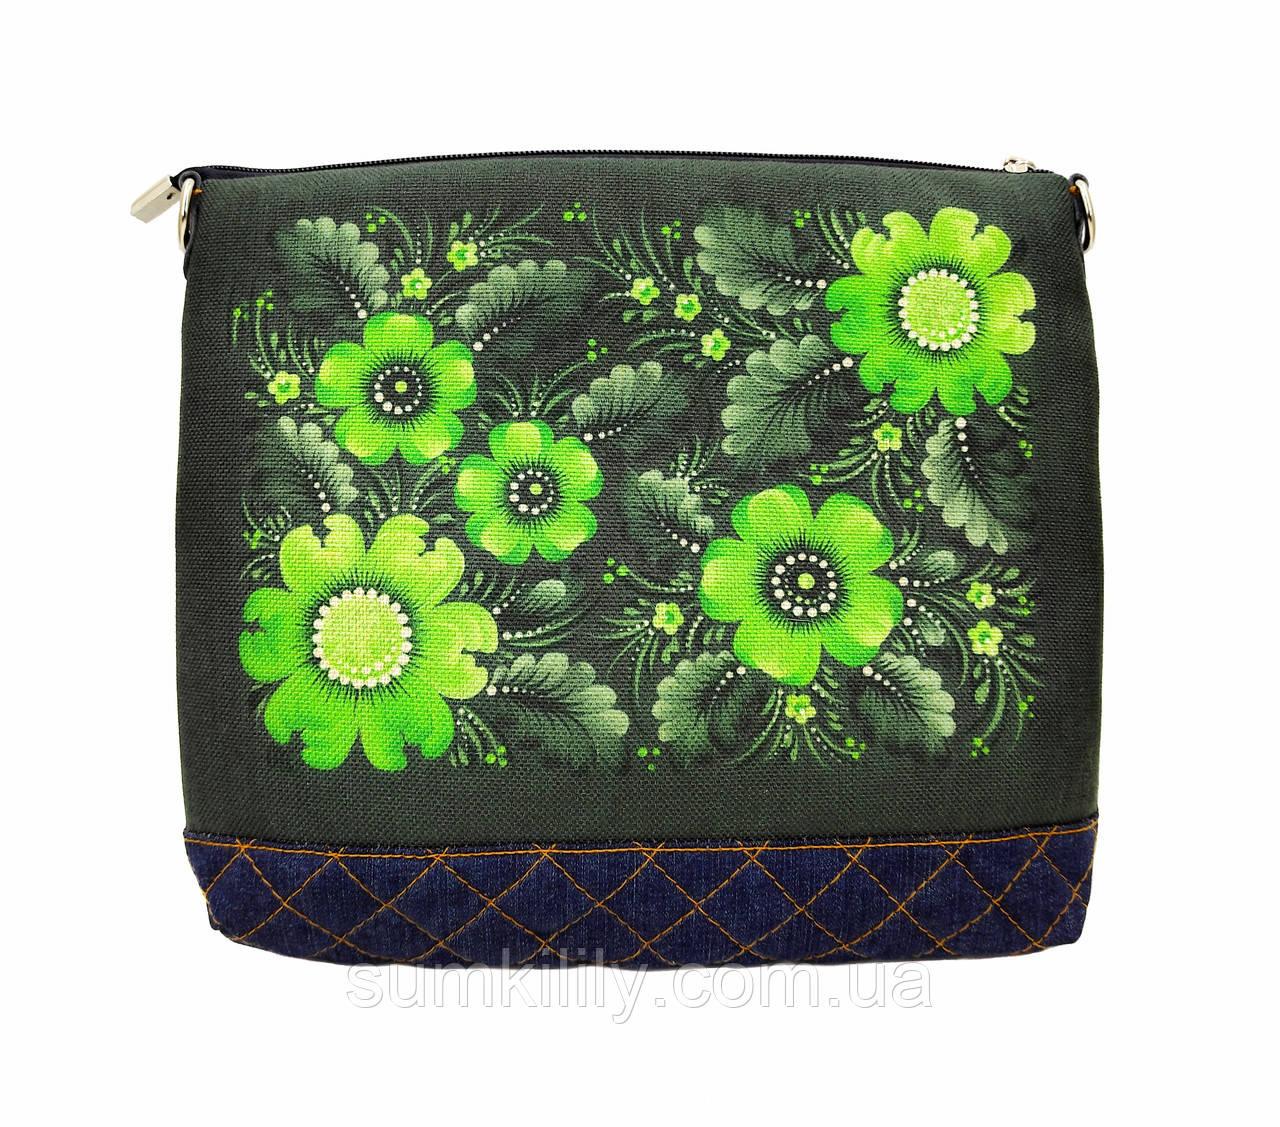 Джинсовая сумочка Зелёная фантазия